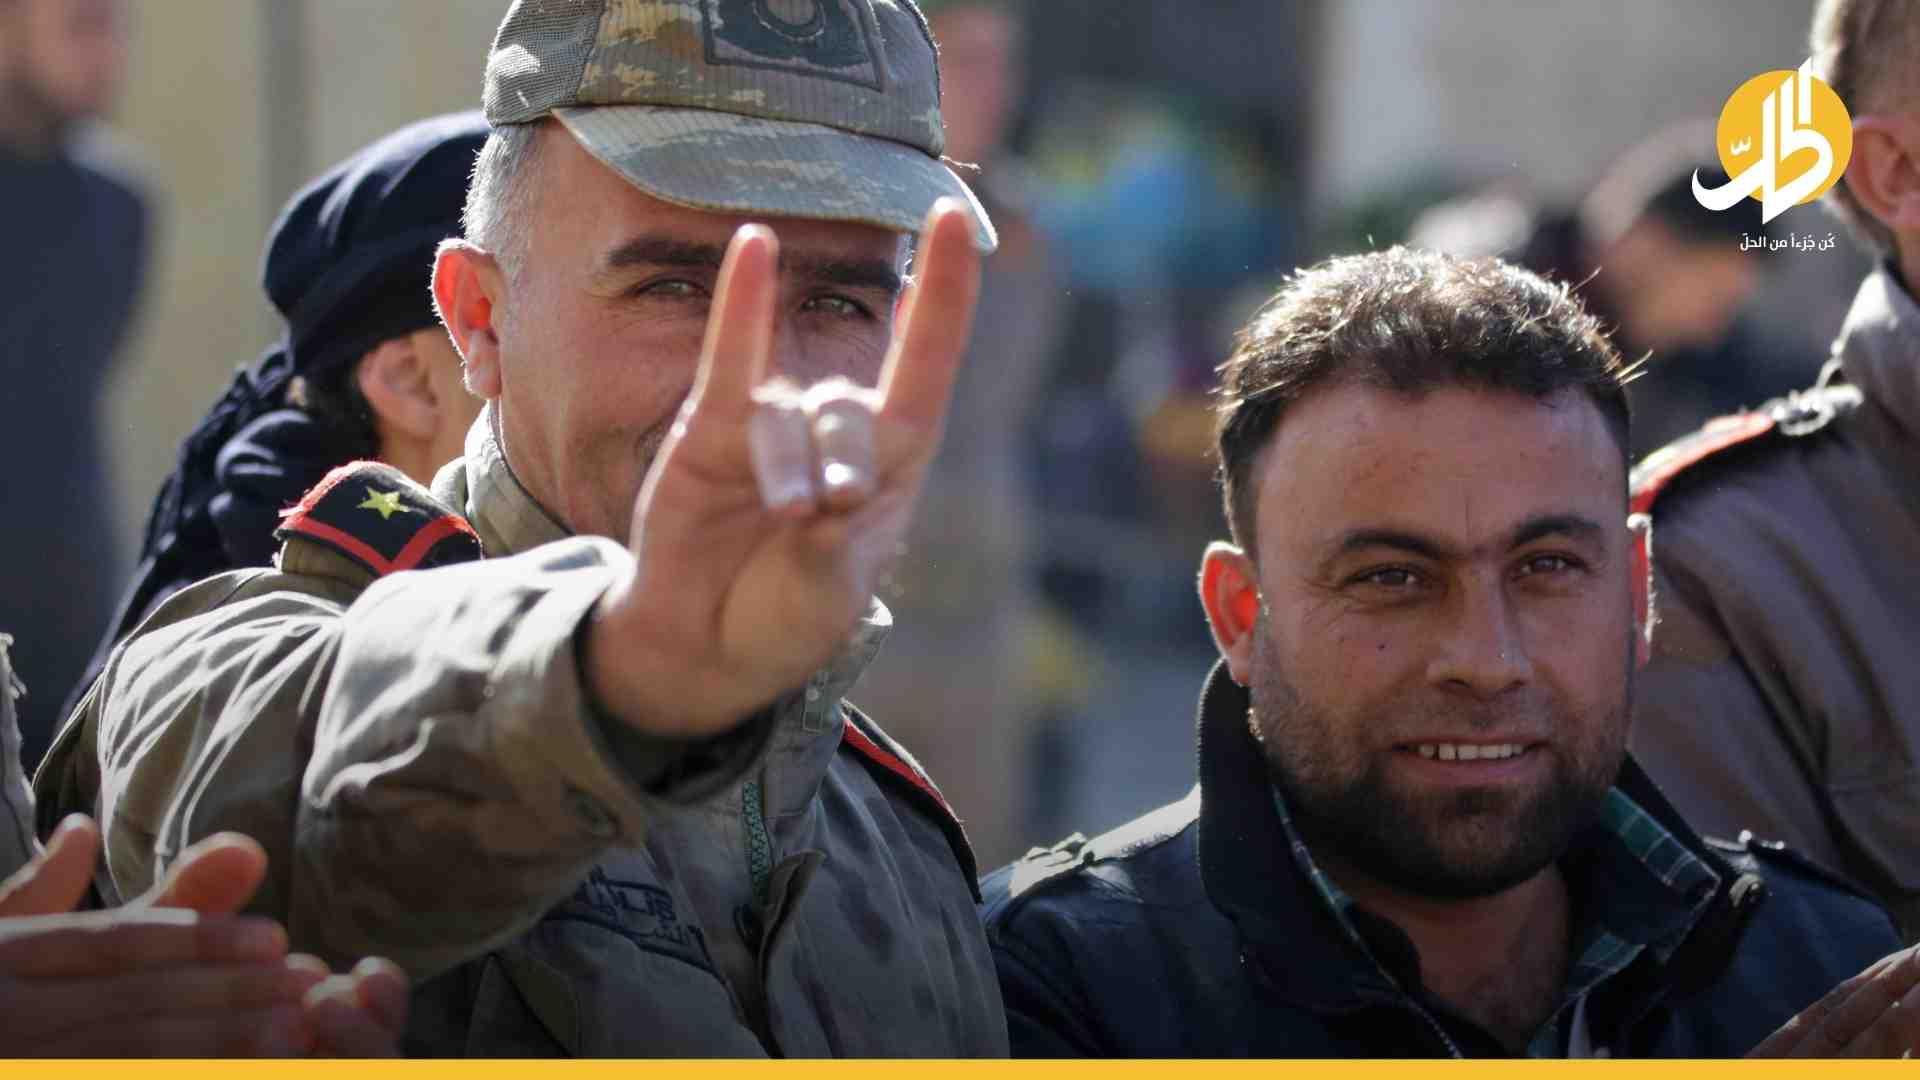 جرحى باعتداء من الذئاب الرمادية على جمعية كردية في فرنسا